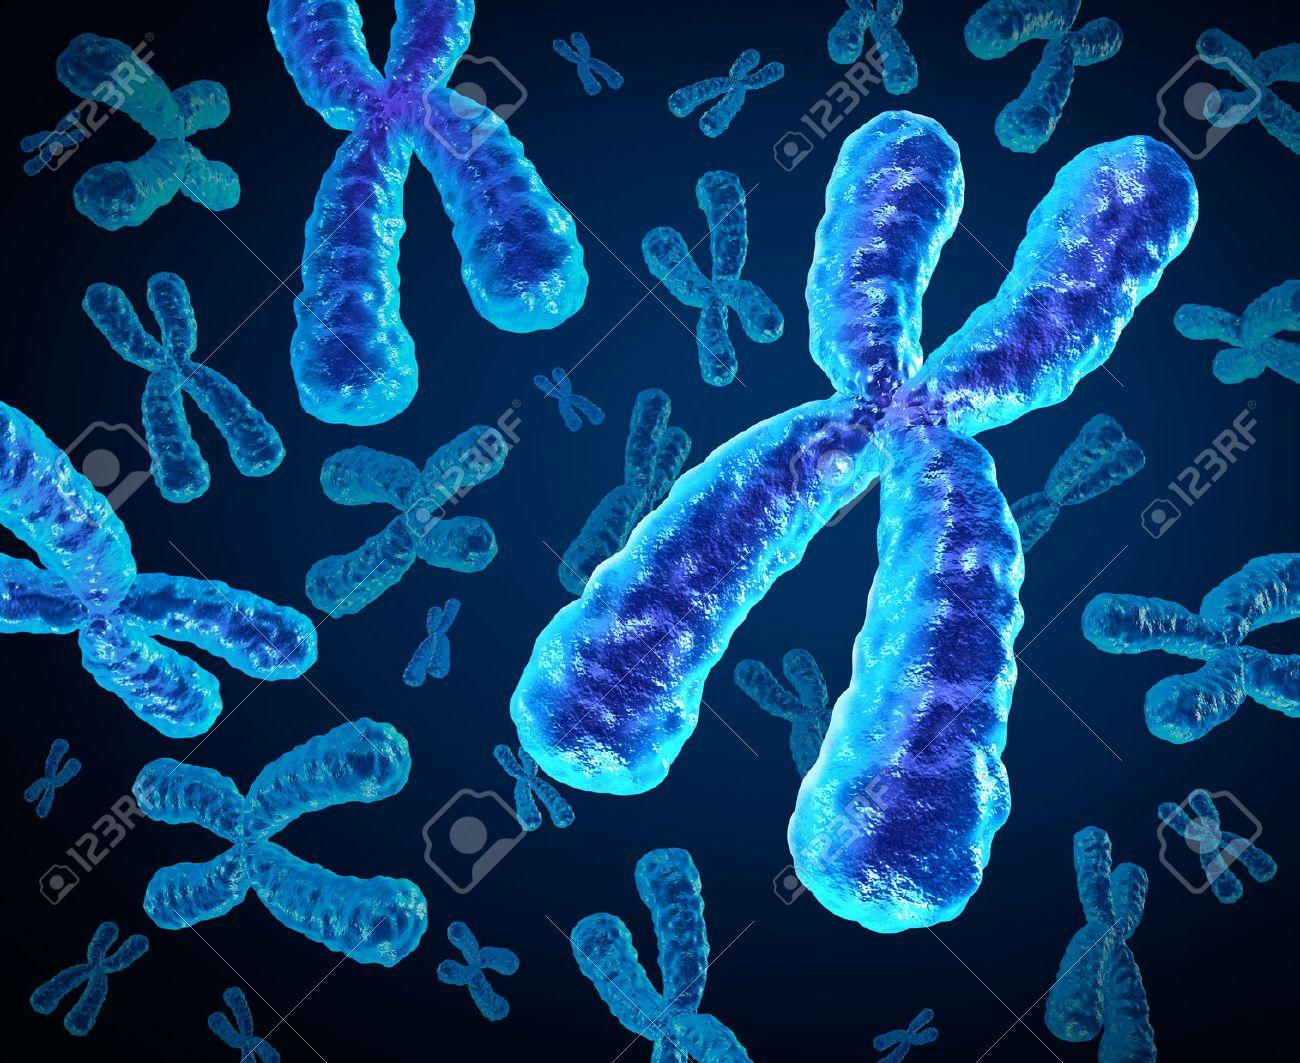 Cromosomas Grupo Como Un Concepto Para Un X Estructura De La Biología Humana Que Contiene La Información Genética De La Dna Como Un Símbolo Médico